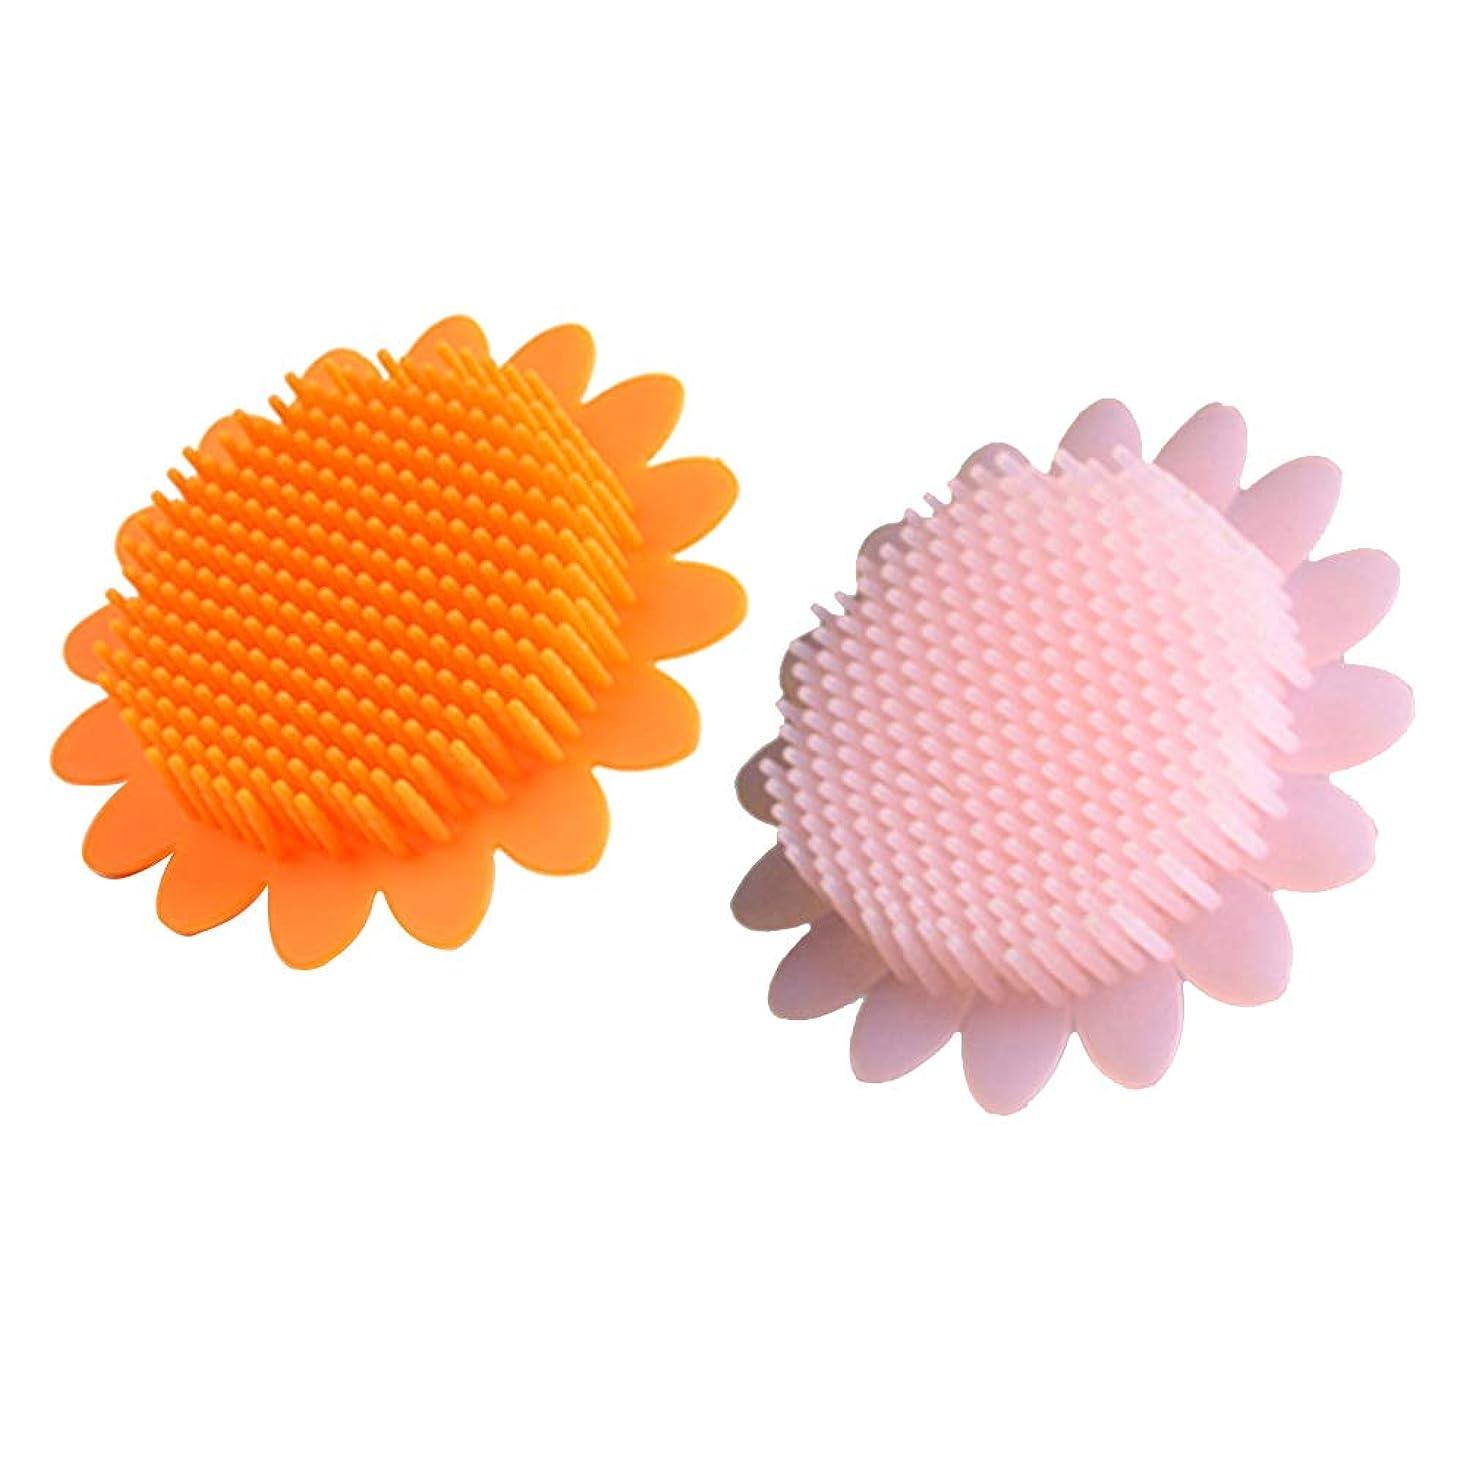 オフェンスファーザーファージュ対話Beaupretty 2本の赤ちゃん風呂ブラシシリコーンボディブラシ頭皮マッサージブラシ赤ちゃんのためのシャンプーブラシ(オレンジ+ピンク)